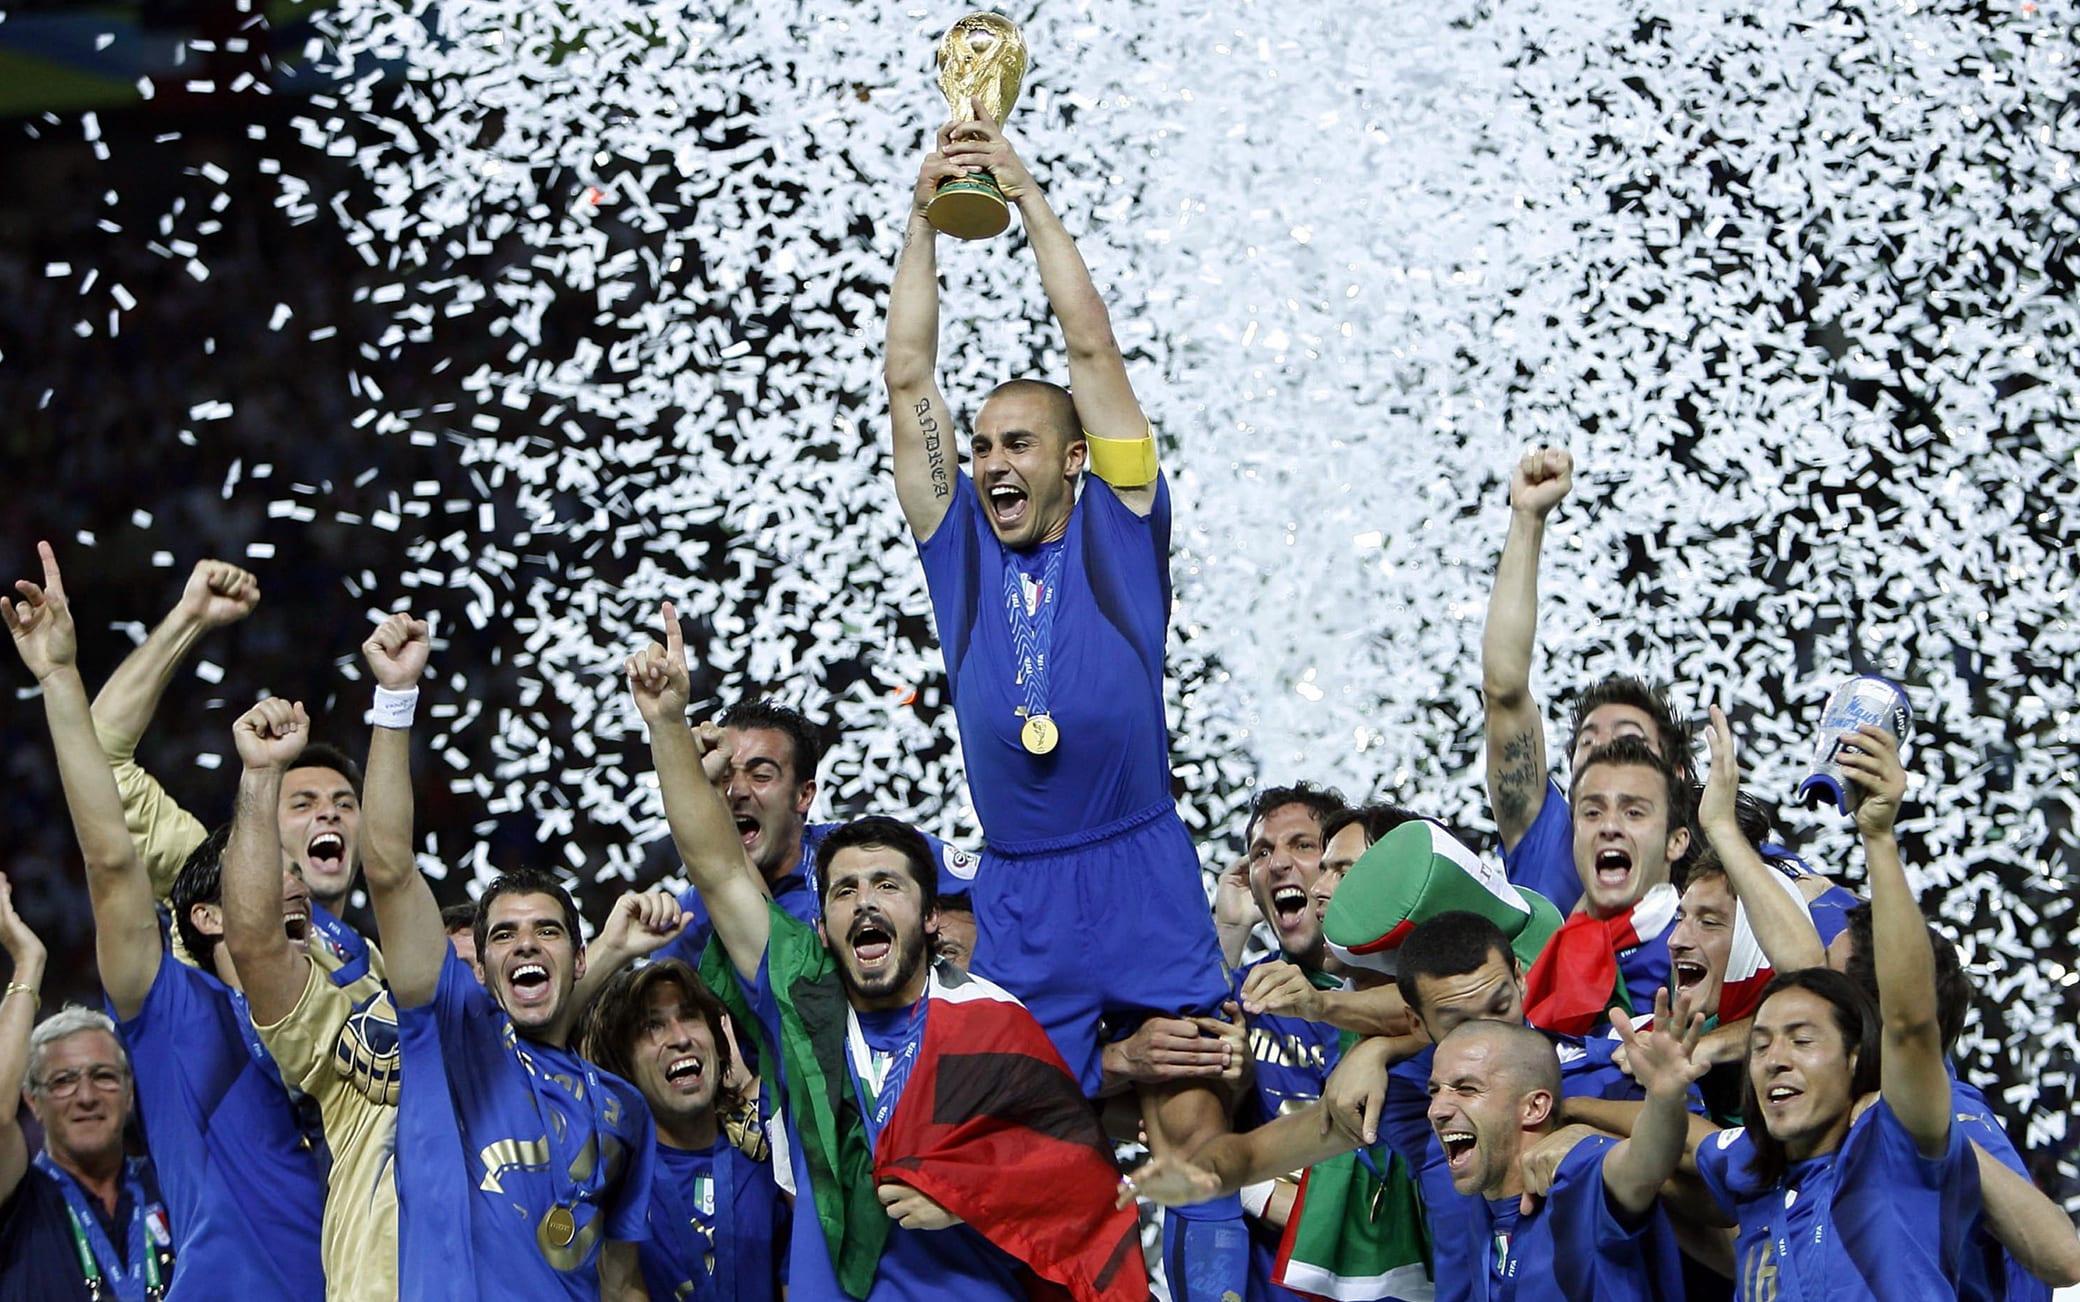 20060709 - BERLINO - SPR - MONDIALI: CANNAVARO SOLLEVA LA COPPA DEL MONDO. Il capitano della Nazionale, Fabio Cannavaro, alza al cielo la Coppa del Mondo, tra i compagni di squadra, al termine della finale del Mondiale 2006 tra Italia a Francia, oggi all'Olympiastadion di Berlino. L'Italia ha vinto il titolo mondiale. In finale ha battuto la Francia 6-4 dopo i rigori. I tempi regolamentari e i supplementari si erano conclusi 1-1. +++ Mobile Services OUT +++ Please refer to FIFA's Terms and Conditions +++ DANIEL DAL ZENNARO - ANSA - KRZ